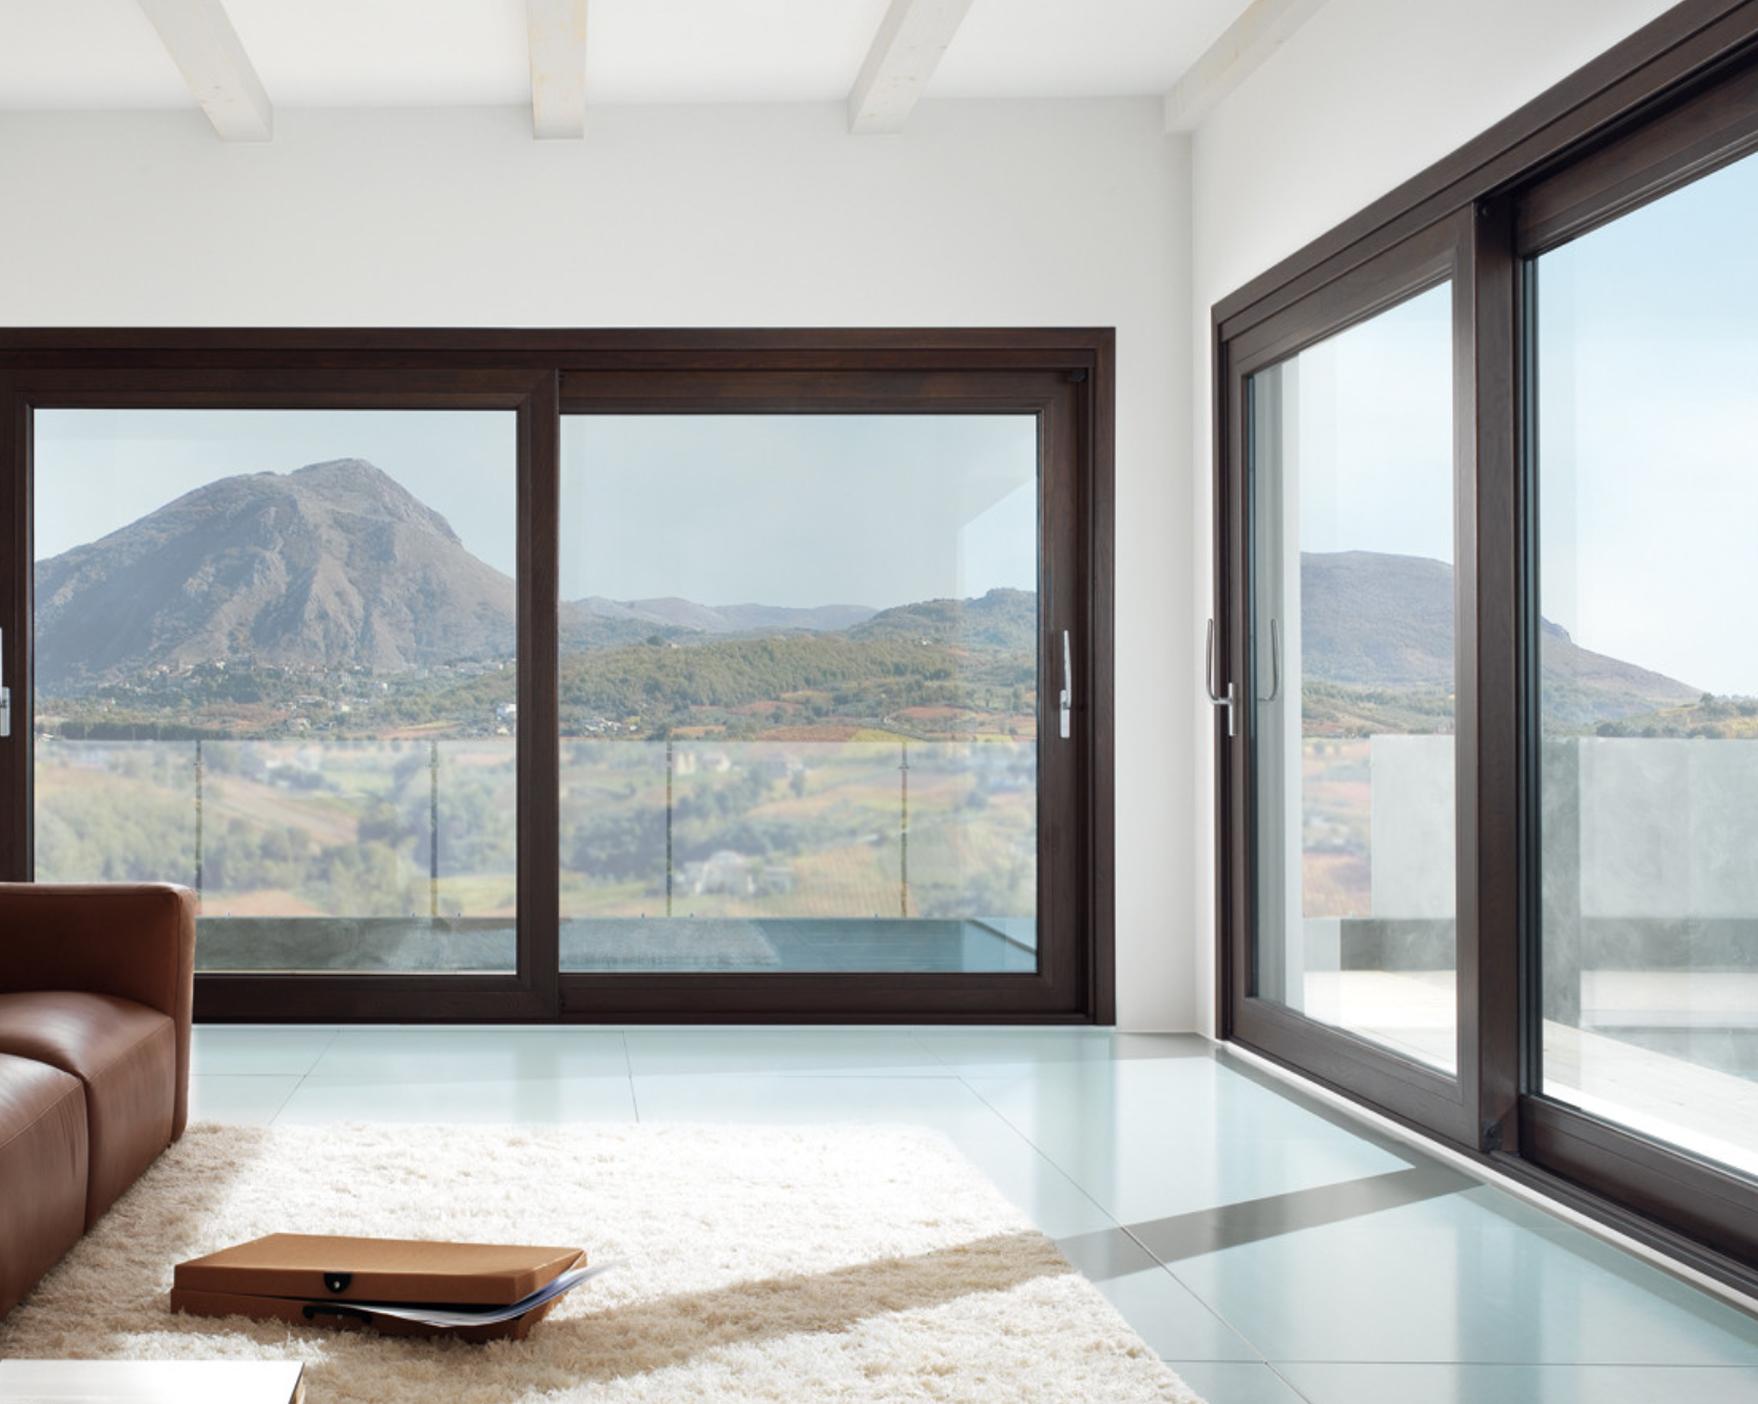 finestre-in-pvc-preventivo-casalgrande-reggio-emilia-scandiano-sassuolo